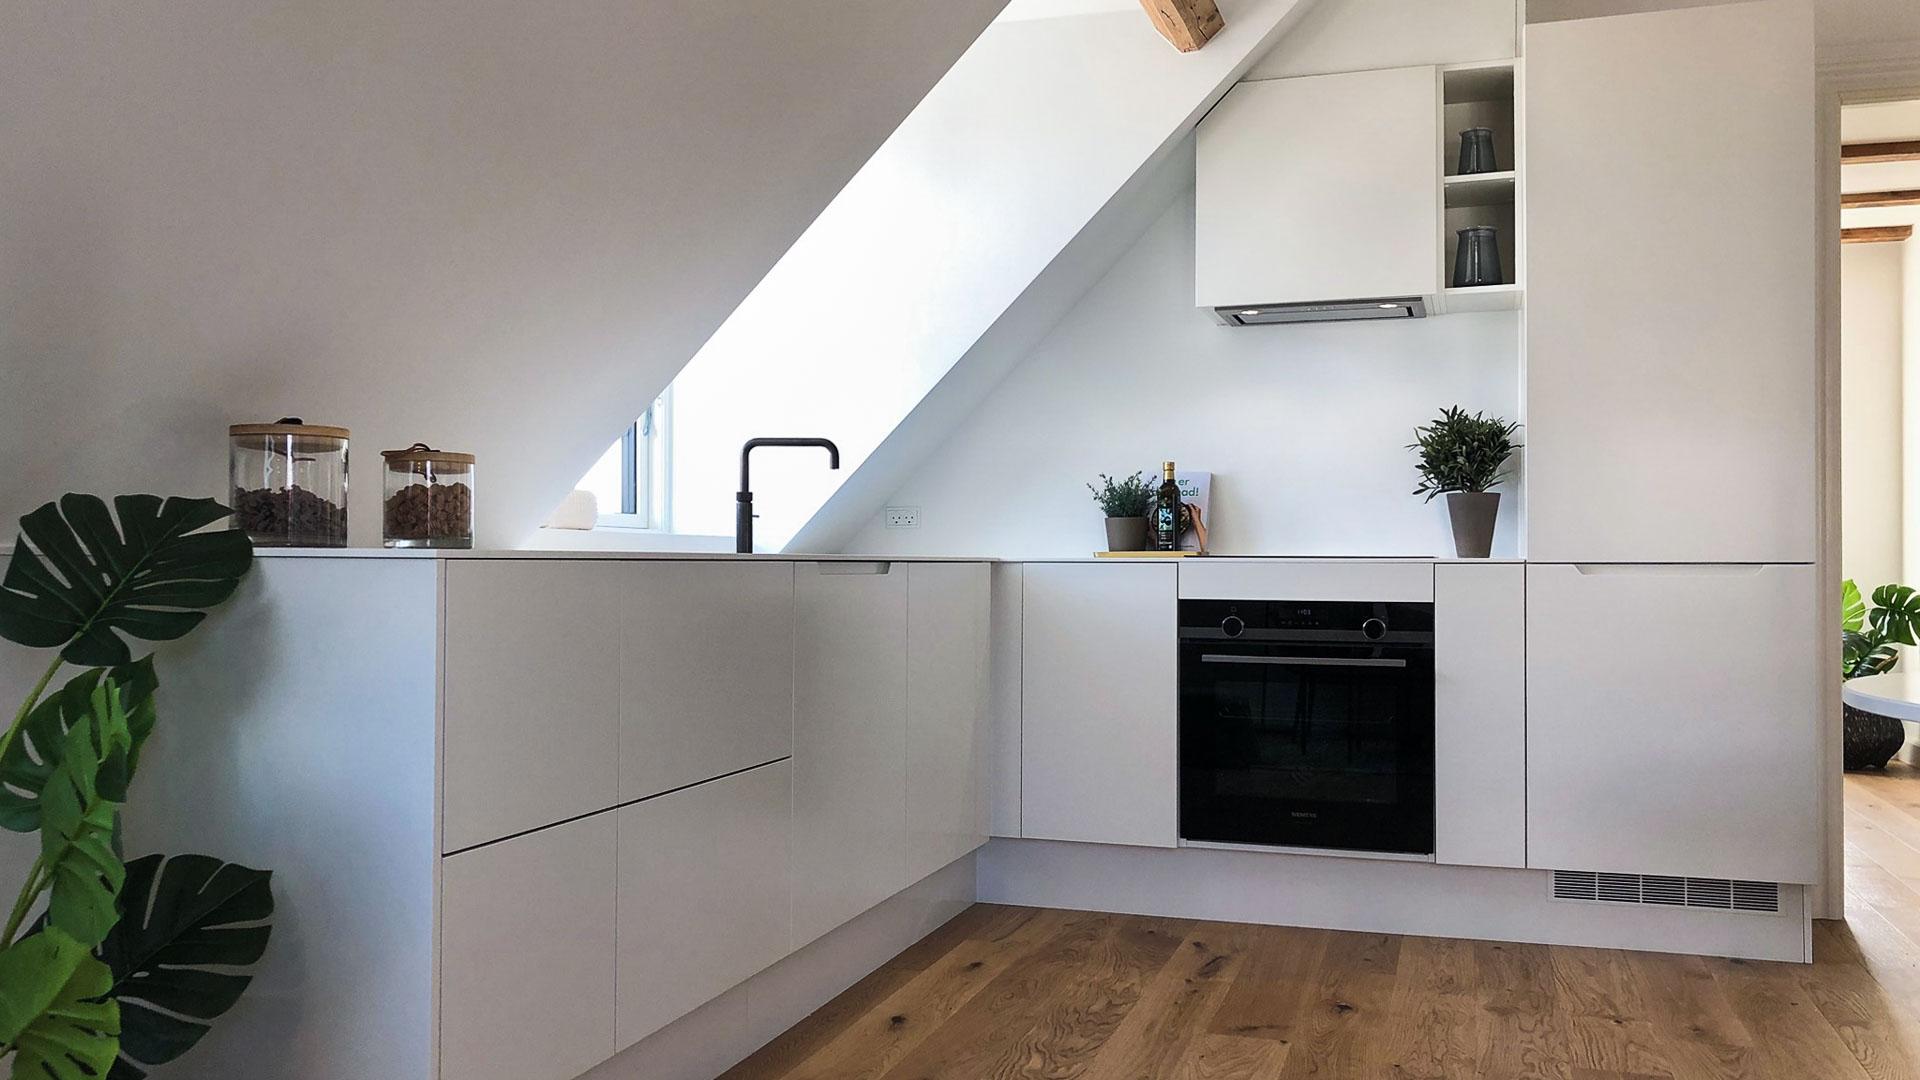 Køkkendel af alrummet i den lille lejlighed med Full Styling